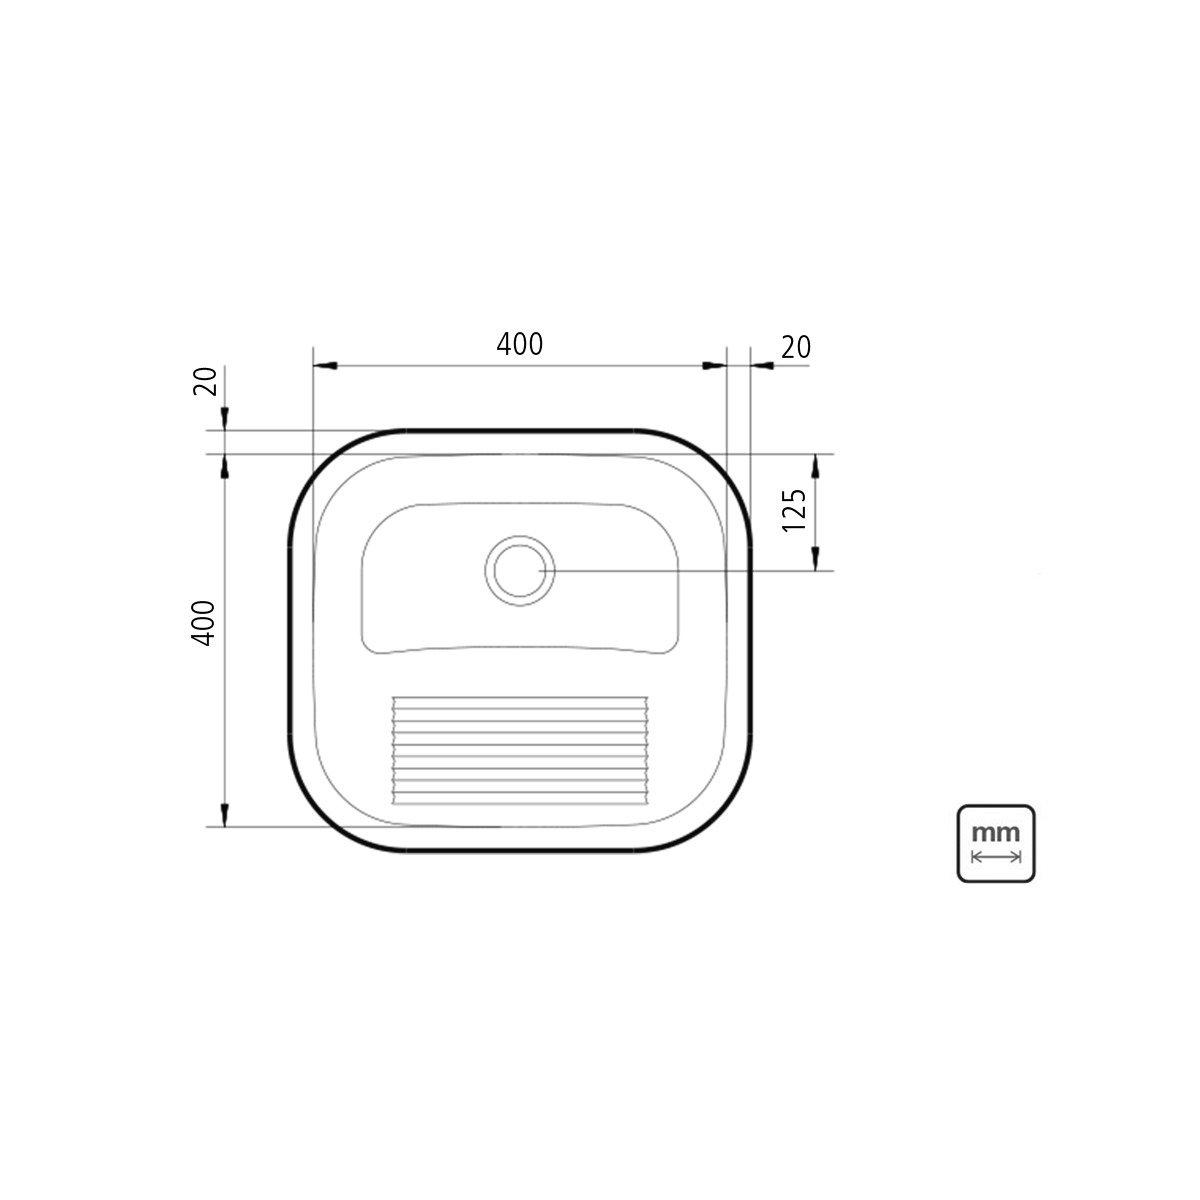 Medidas e Desenho Técnico do Tanque De Encaixe Tramontina Acetinado 23Litros